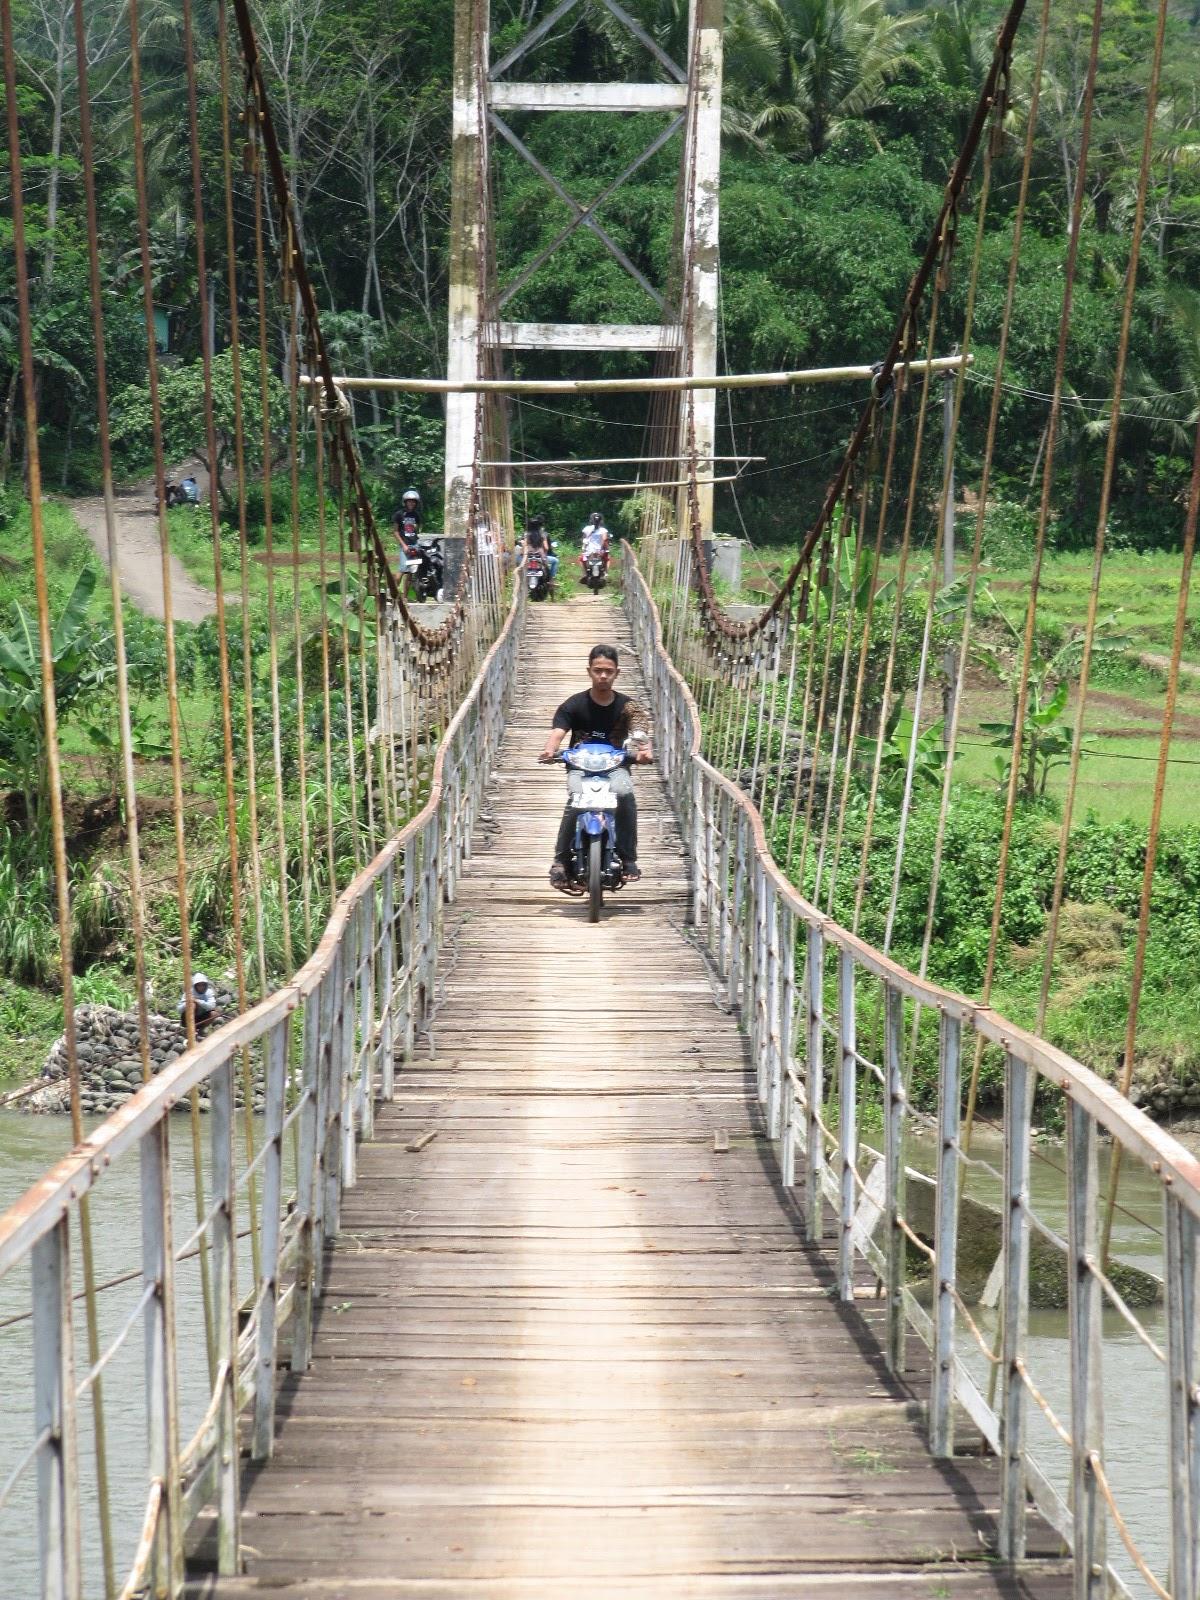 Gambar Jembatan Gantung Tangkahan Ekstrem Menegangkan